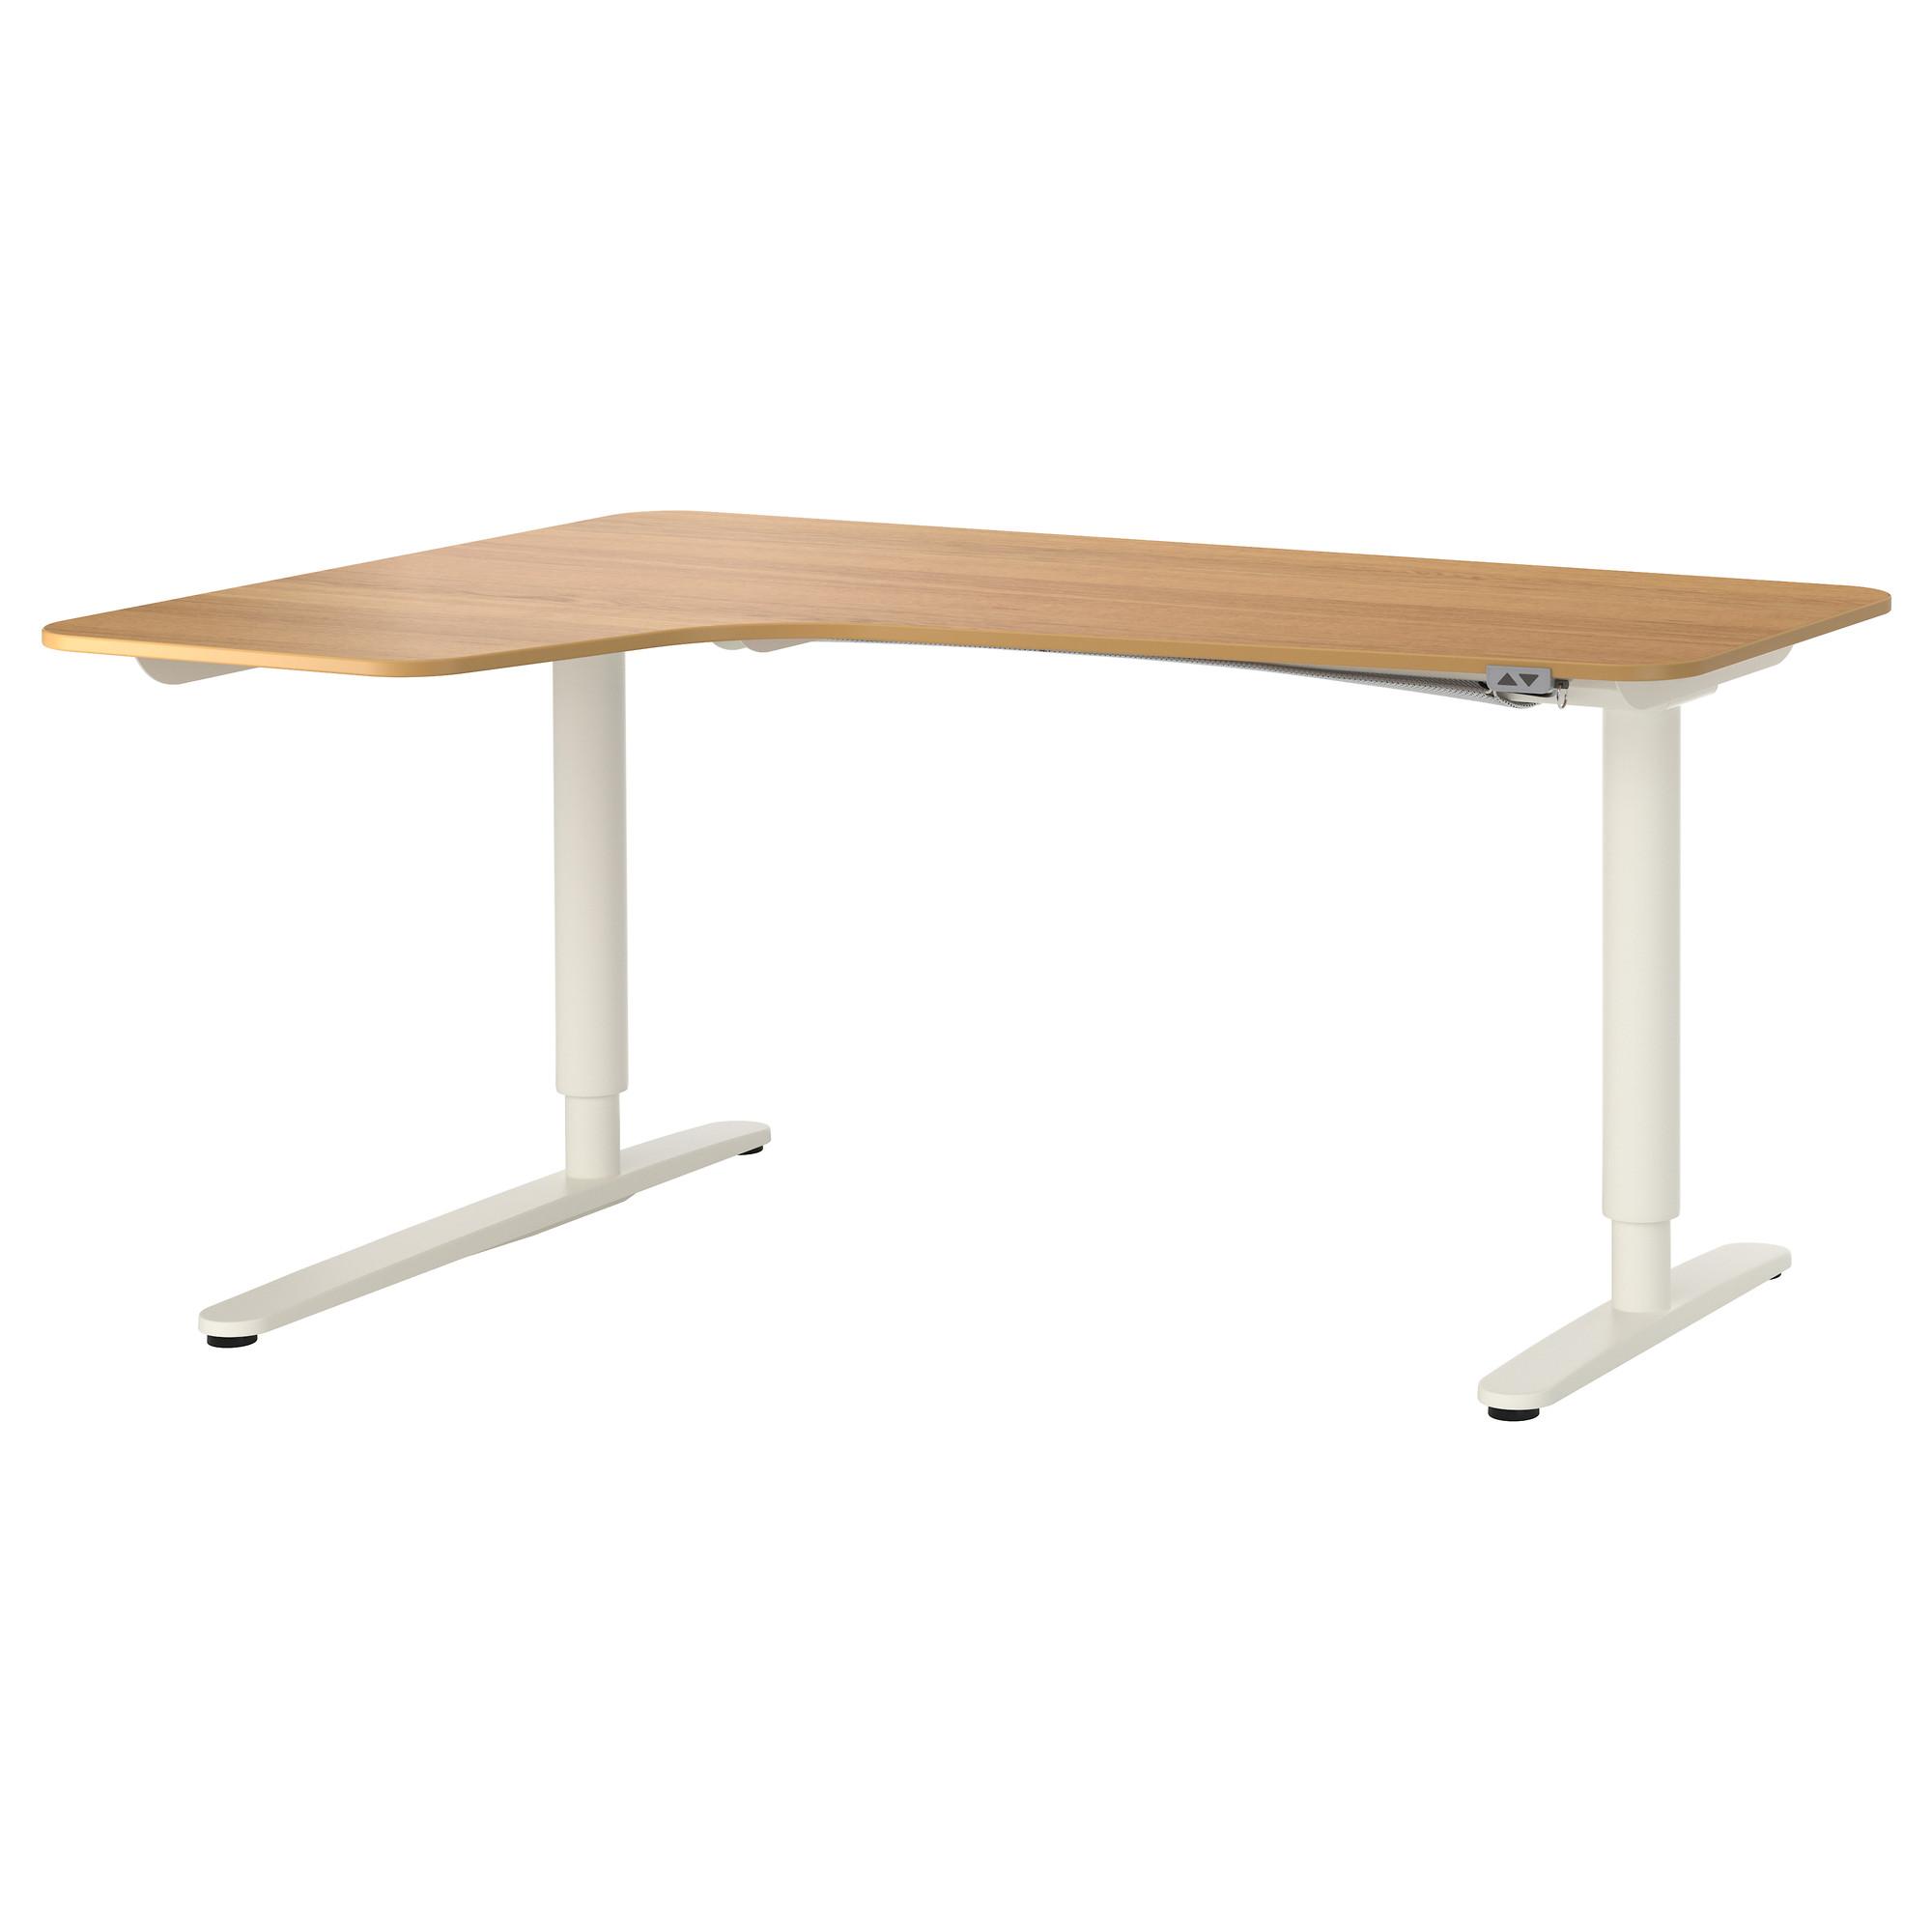 Угловой письменный стол левосторонний трансформер БЕКАНТ белый артикуль № 592.786.61 в наличии. Интернет каталог IKEA РБ. Быстрая доставка и установка.